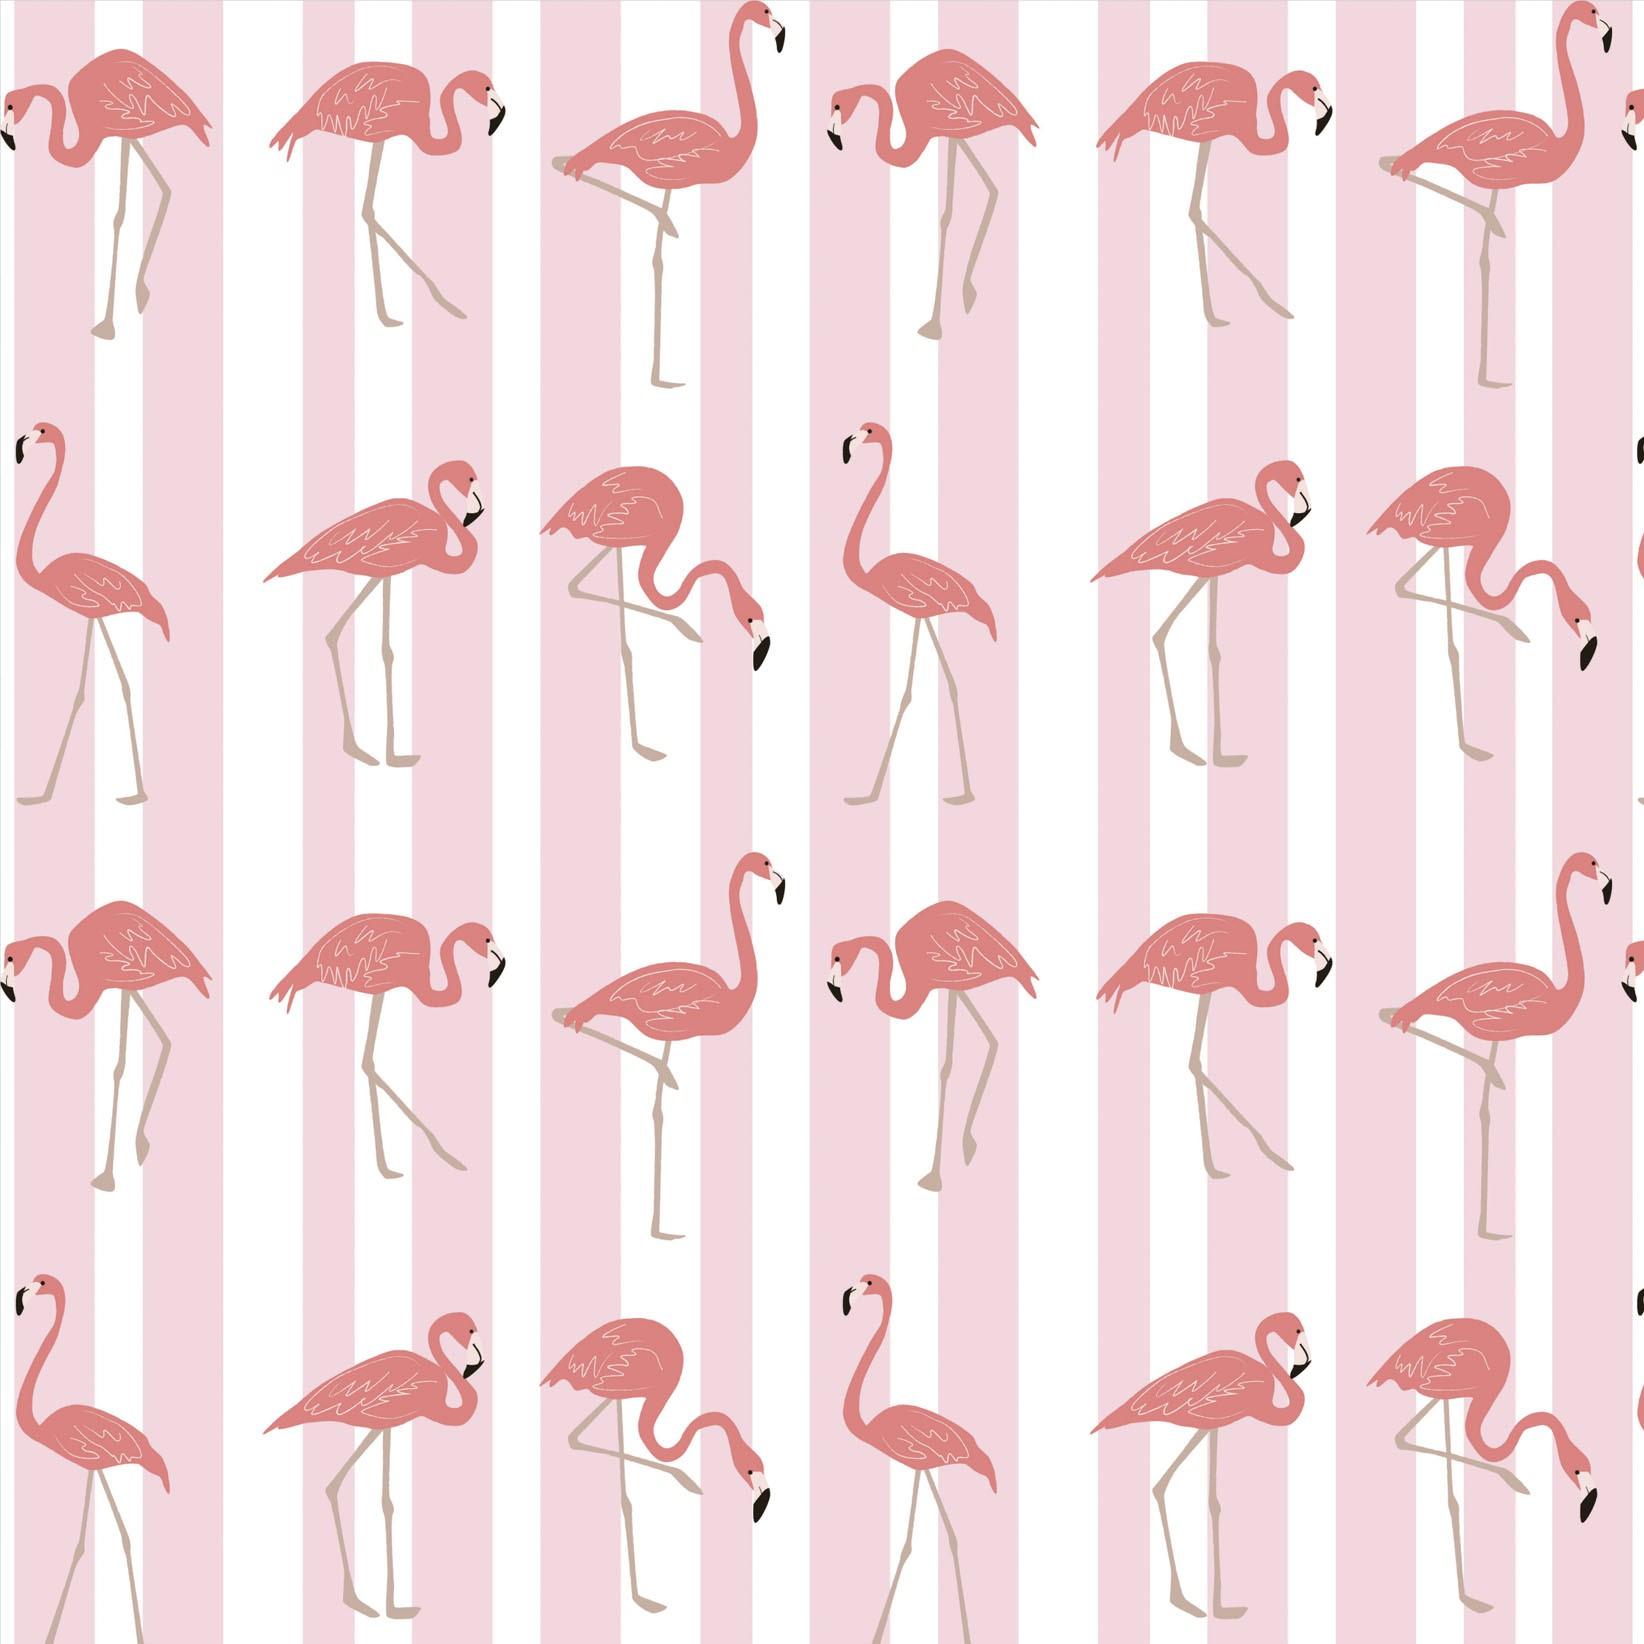 Papel de Parede Animais Flamingo Rosado Fundo com Listras Rosa e Branca